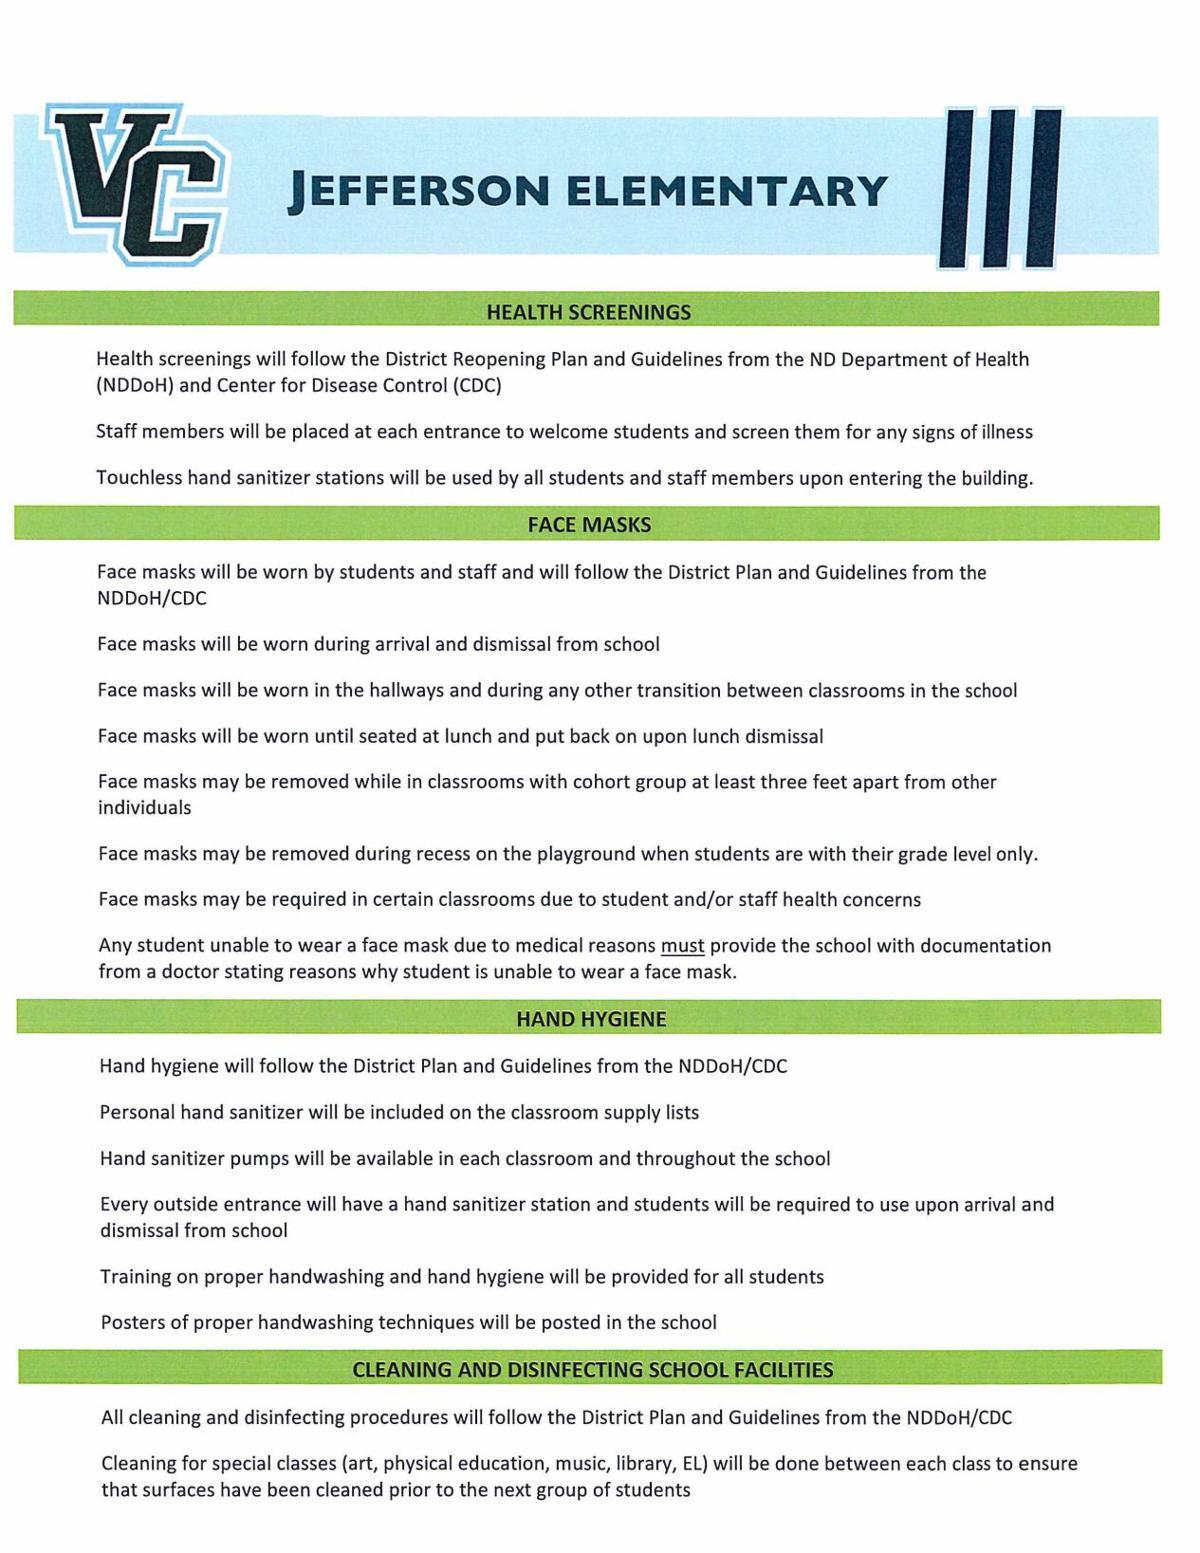 Jefferson Plan_Page_2.jpg